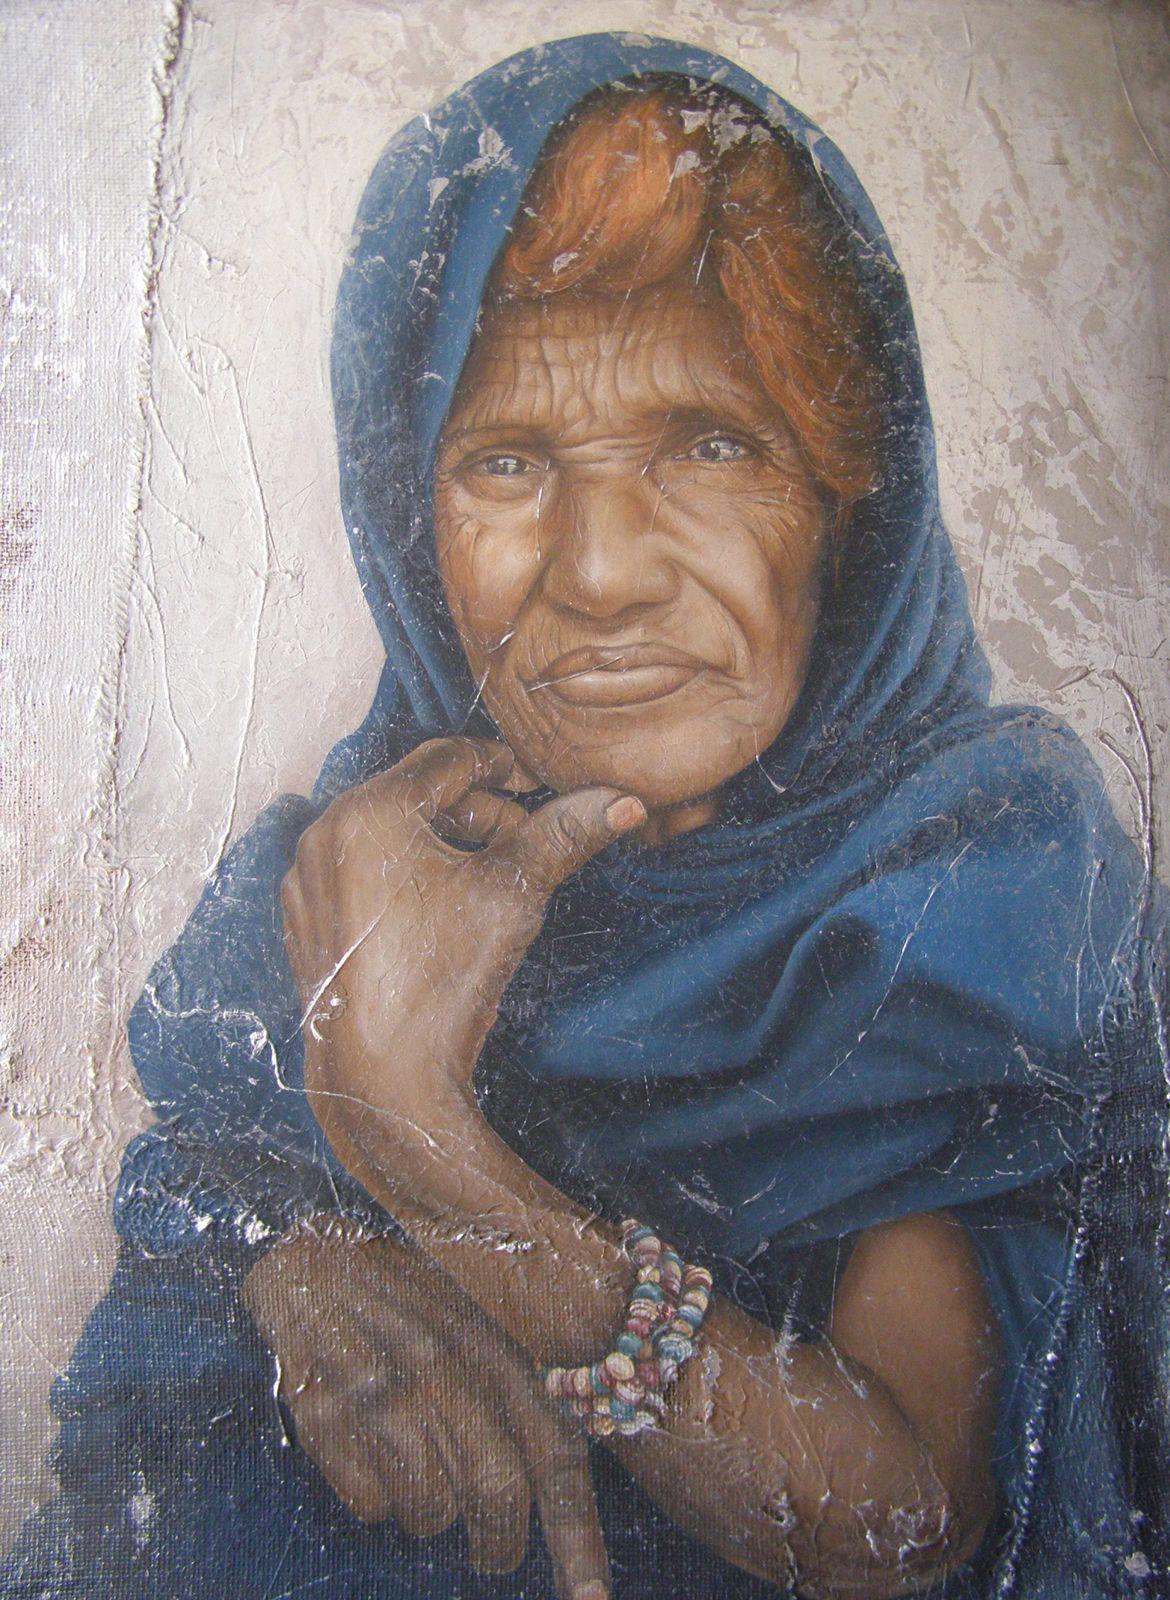 La mauritanienne (100 x 75 cm). Acrylique.